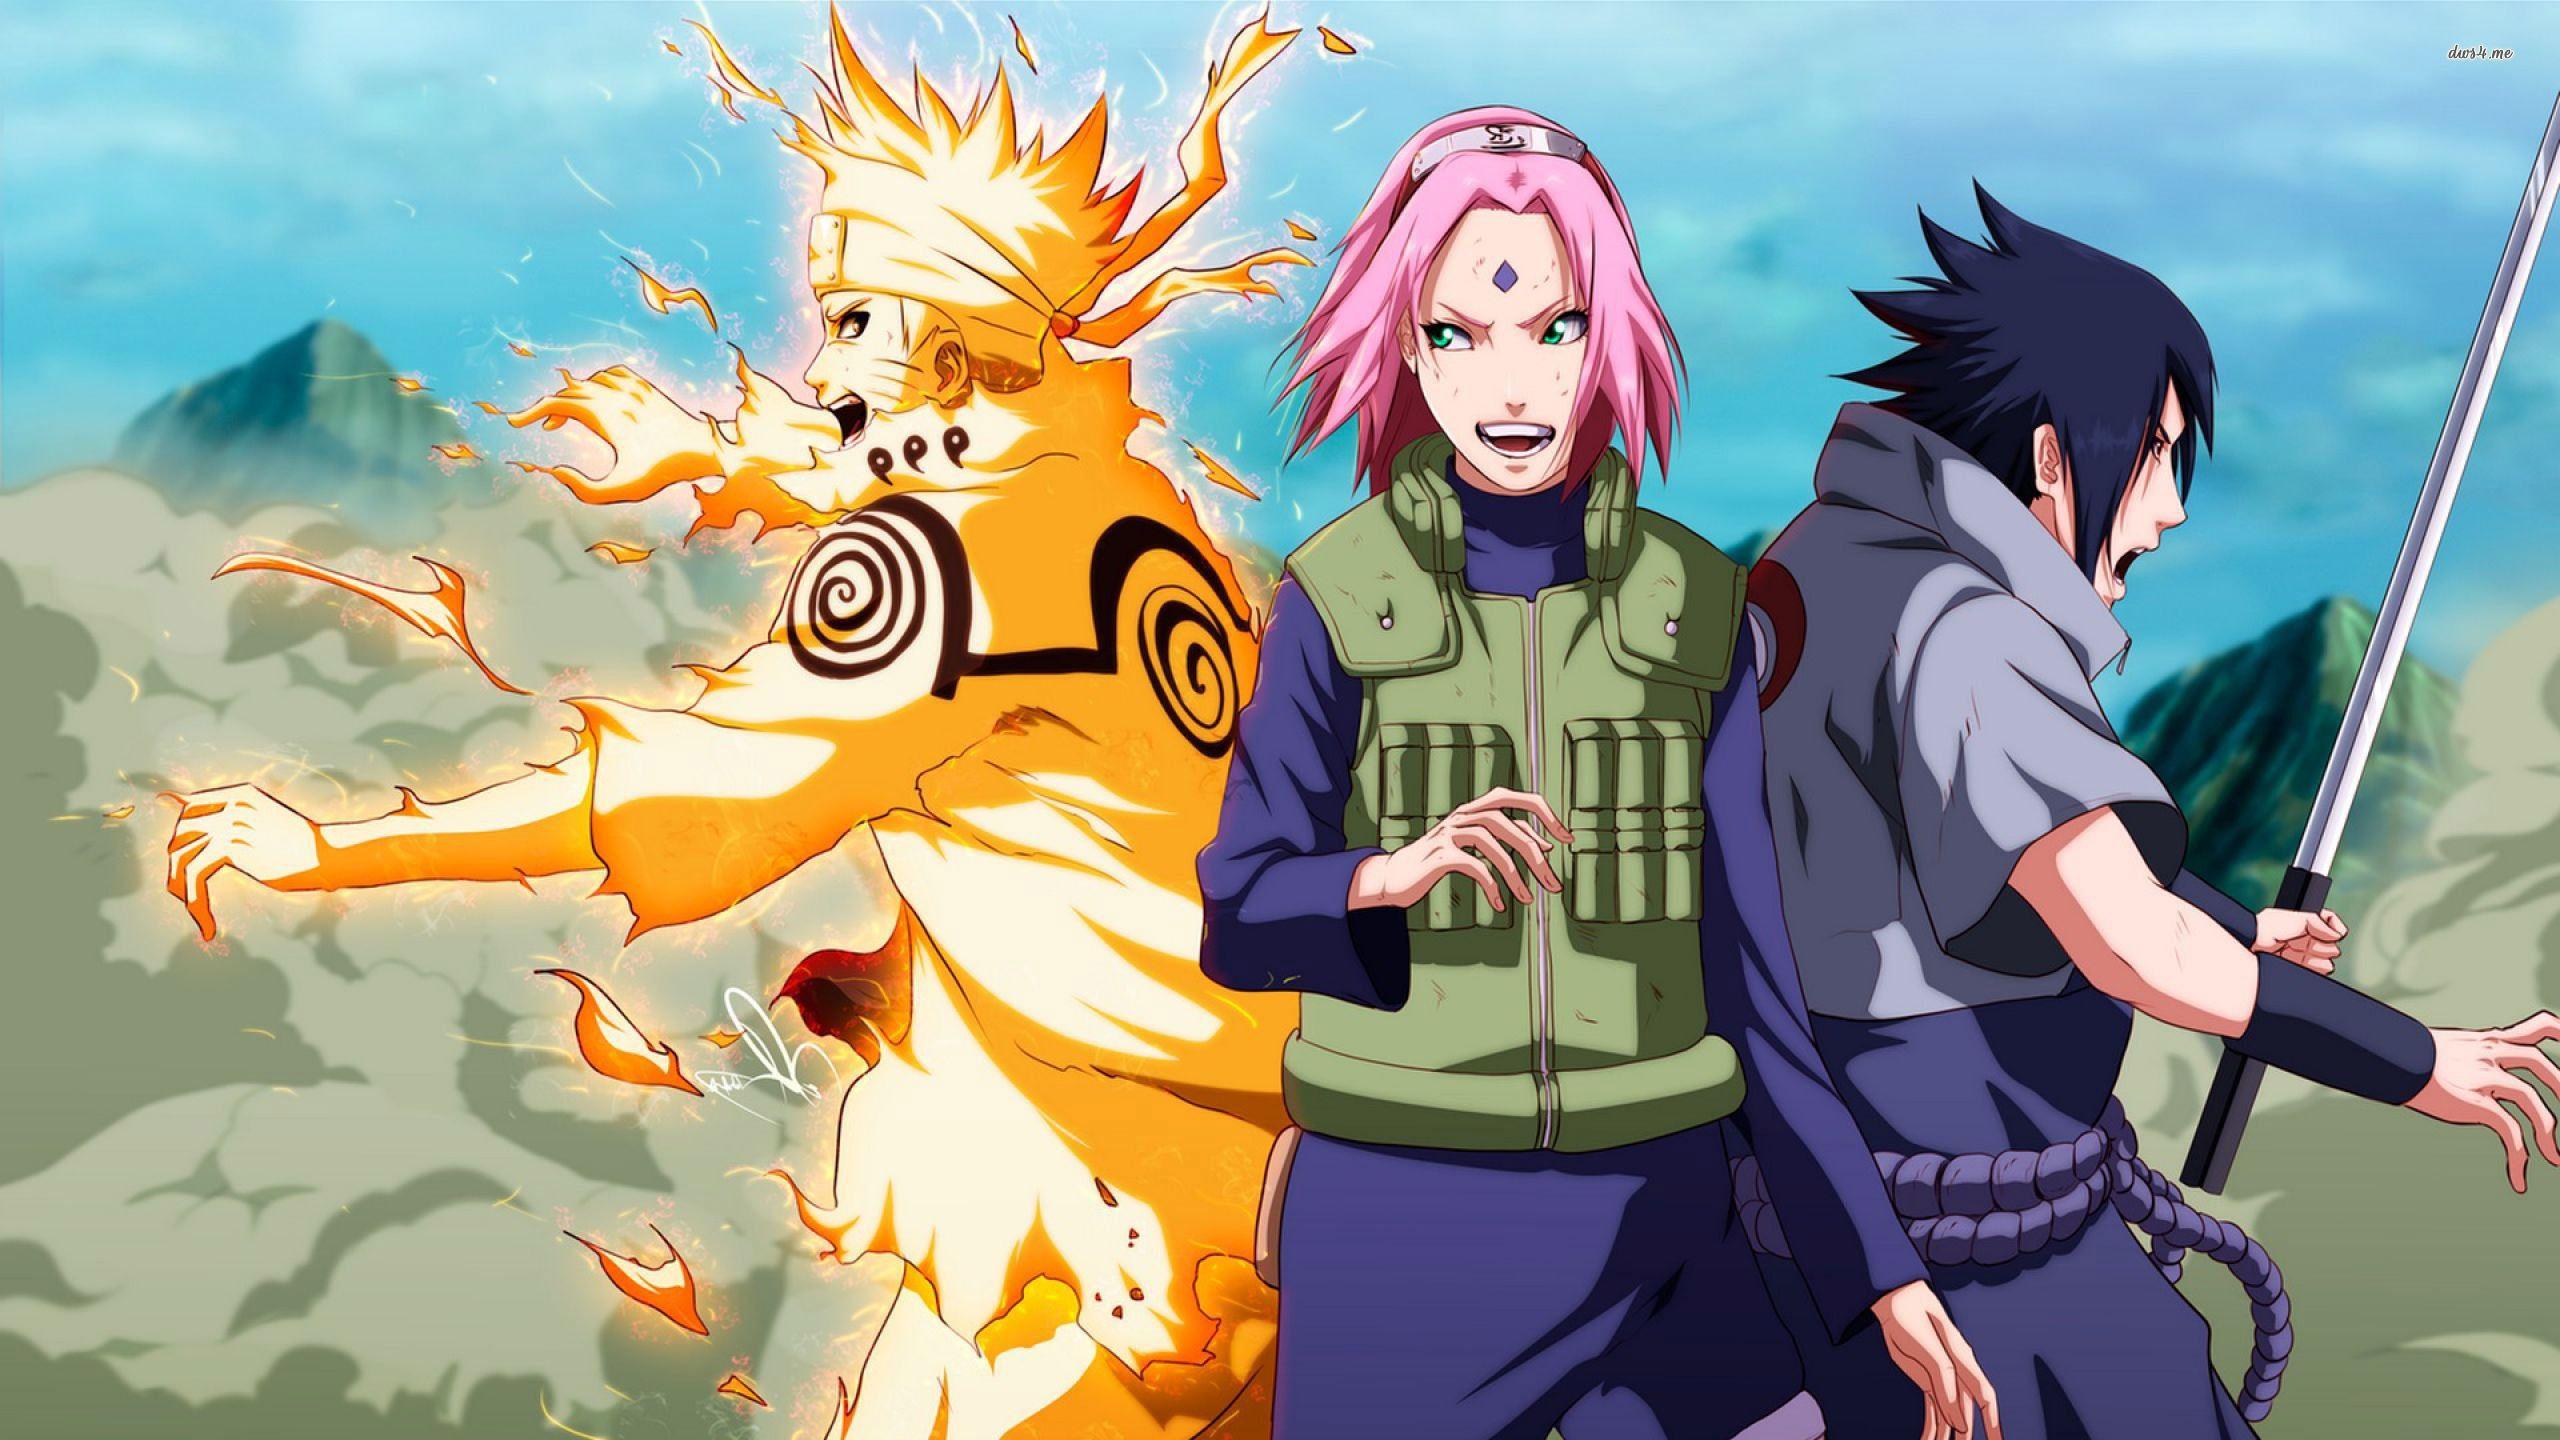 Naruto Shippuden Uchiha Madara HD desktop wallpaper High